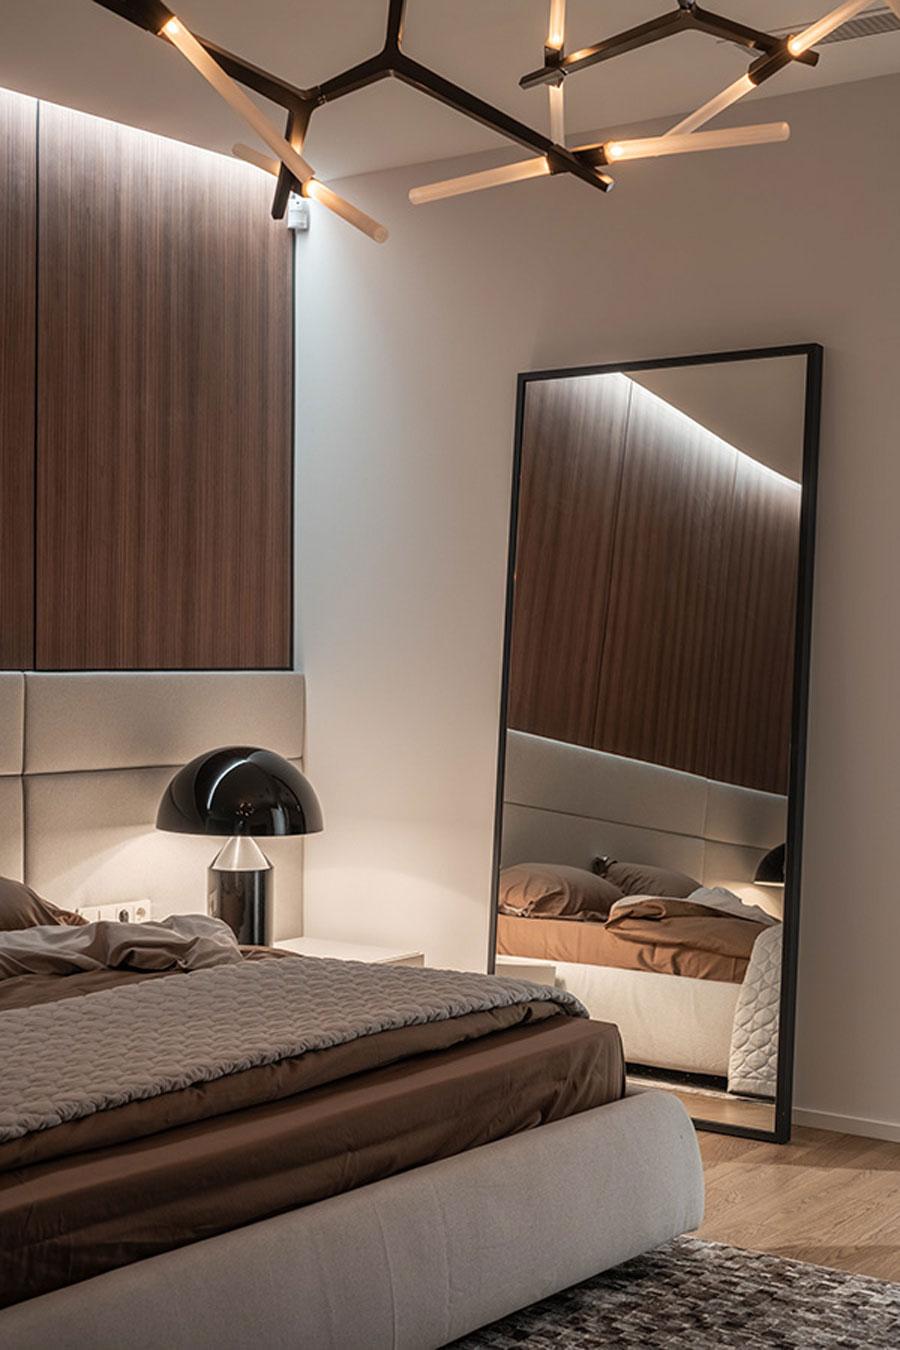 De luxe Good Life slaapkamer